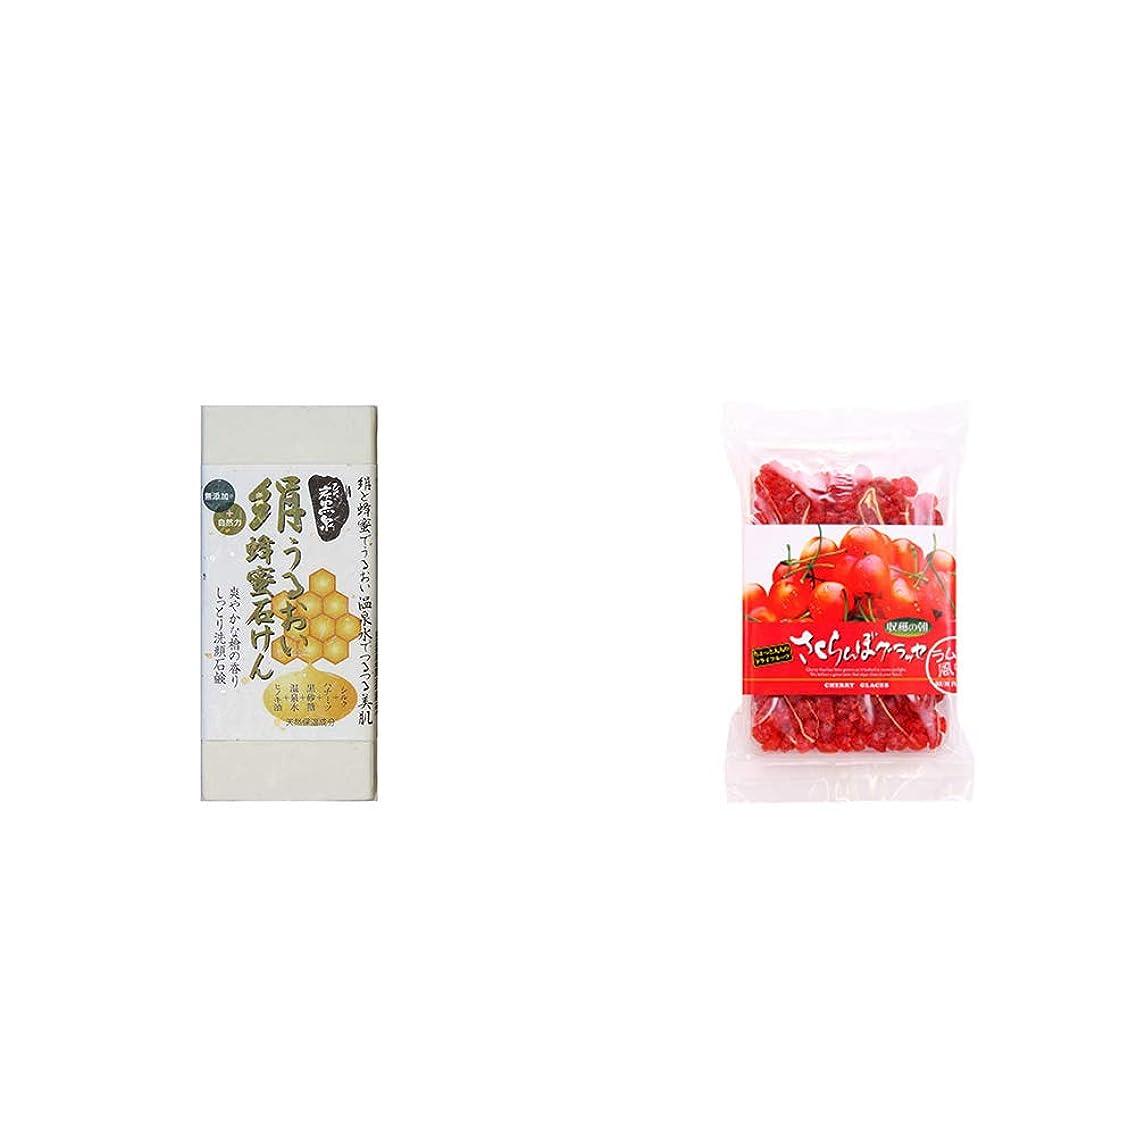 ナイトスポット何故なの消費者[2点セット] ひのき炭黒泉 絹うるおい蜂蜜石けん(75g×2)?収穫の朝 さくらんぼグラッセ ラム酒風味(180g)